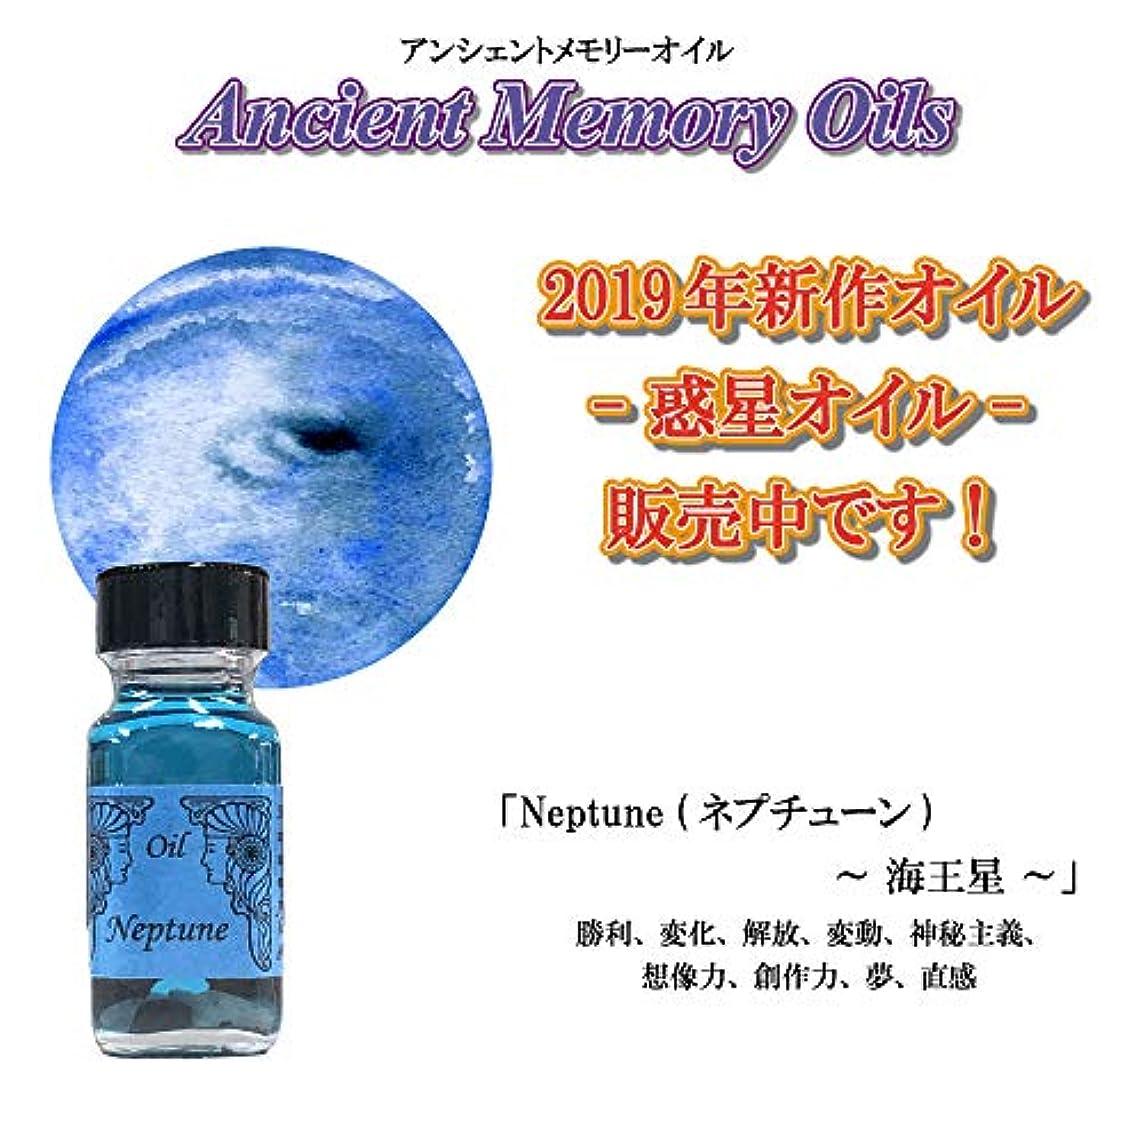 モニカあいまいまだらSEDONA Ancient Memory Oils セドナ アンシェントメモリーオイル 惑星オイル Neptune 海王星 ネプチューン 15ml